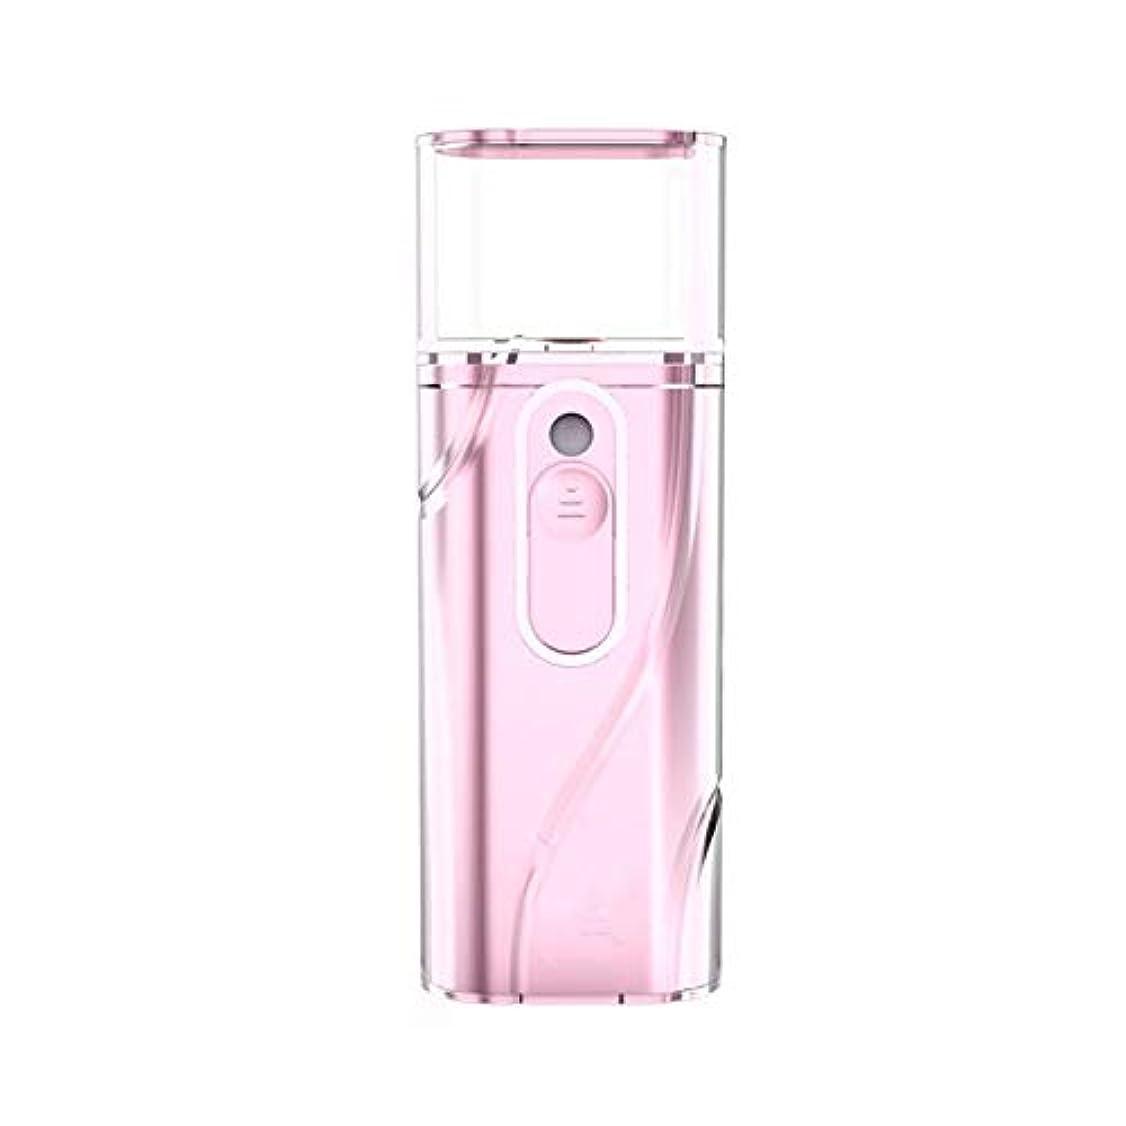 未払い制裁宿泊保湿スプレー保湿ナノスプレー大型スプレー蒸し面保湿充電トレジャー便利な保湿美容機器 (Color : Pink)